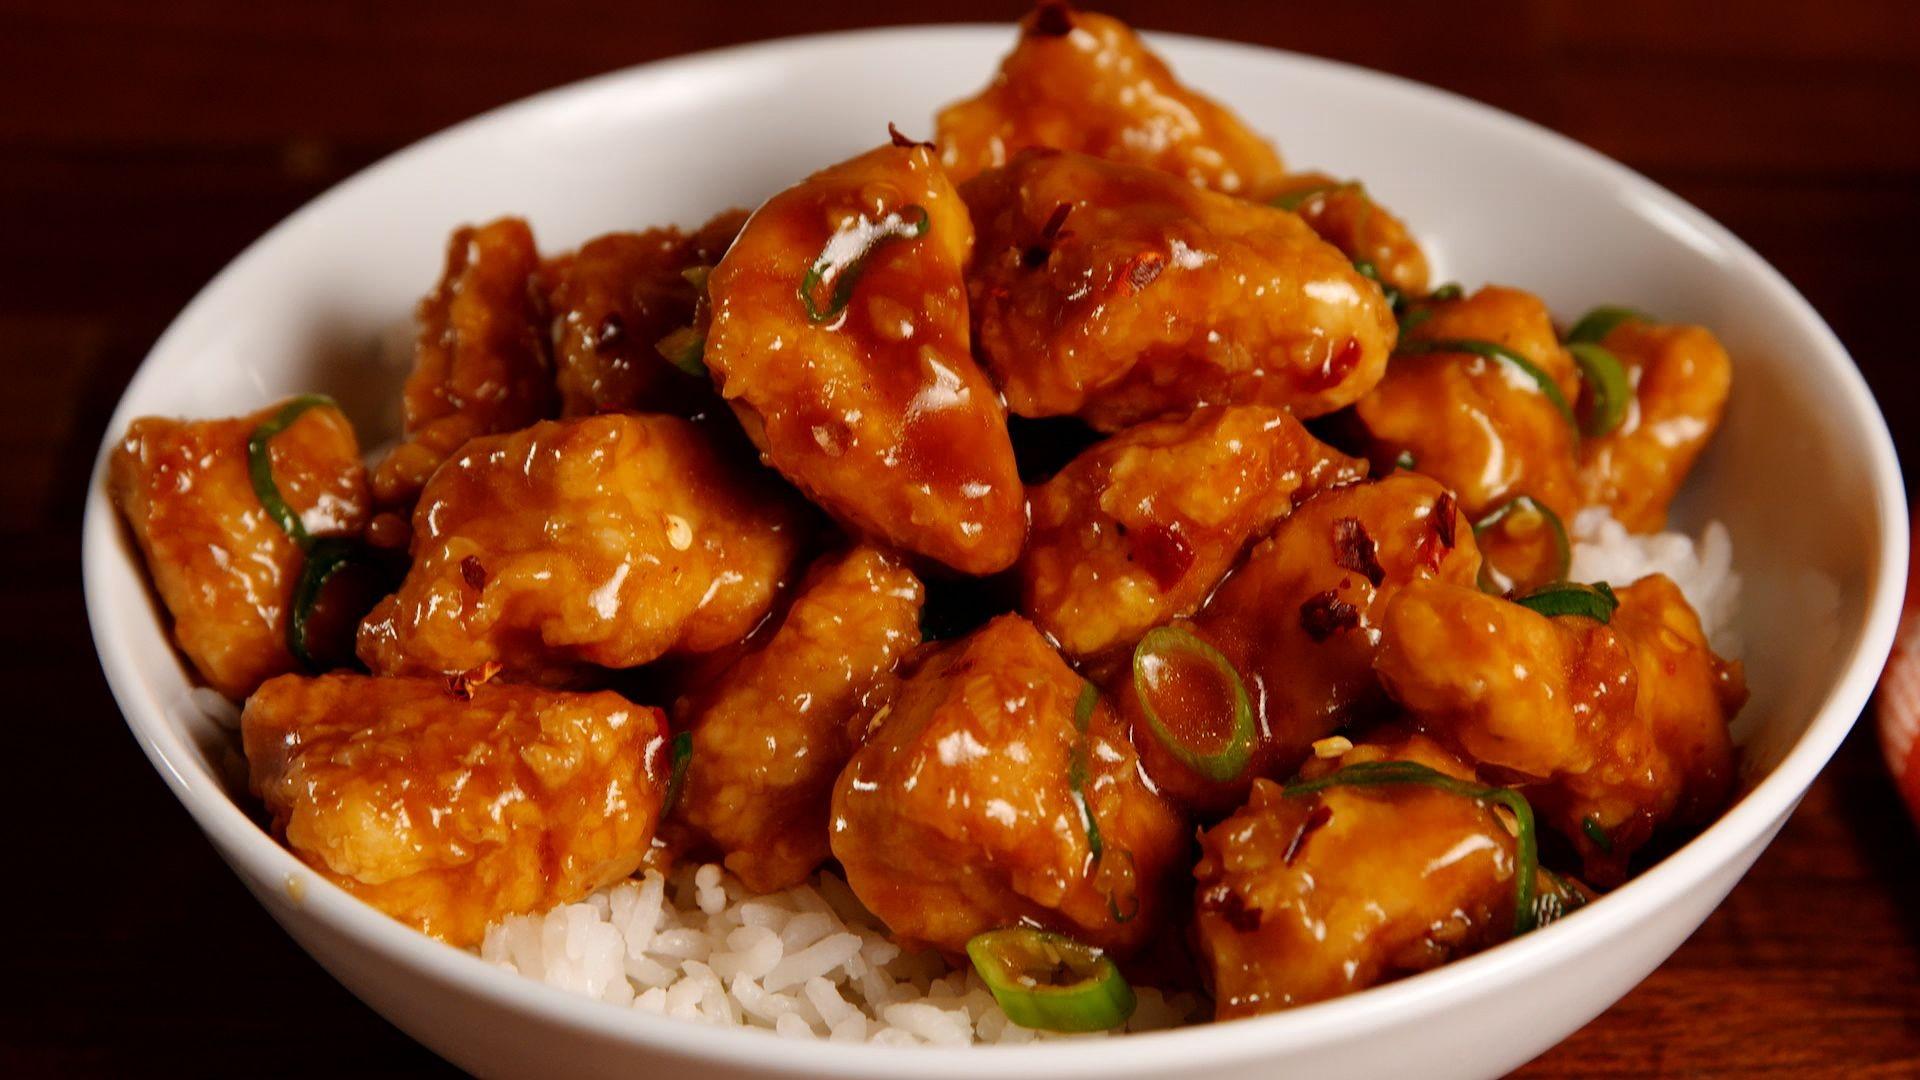 7 وصفات من المطبخ الصيني- الدجاج بالبرتقال